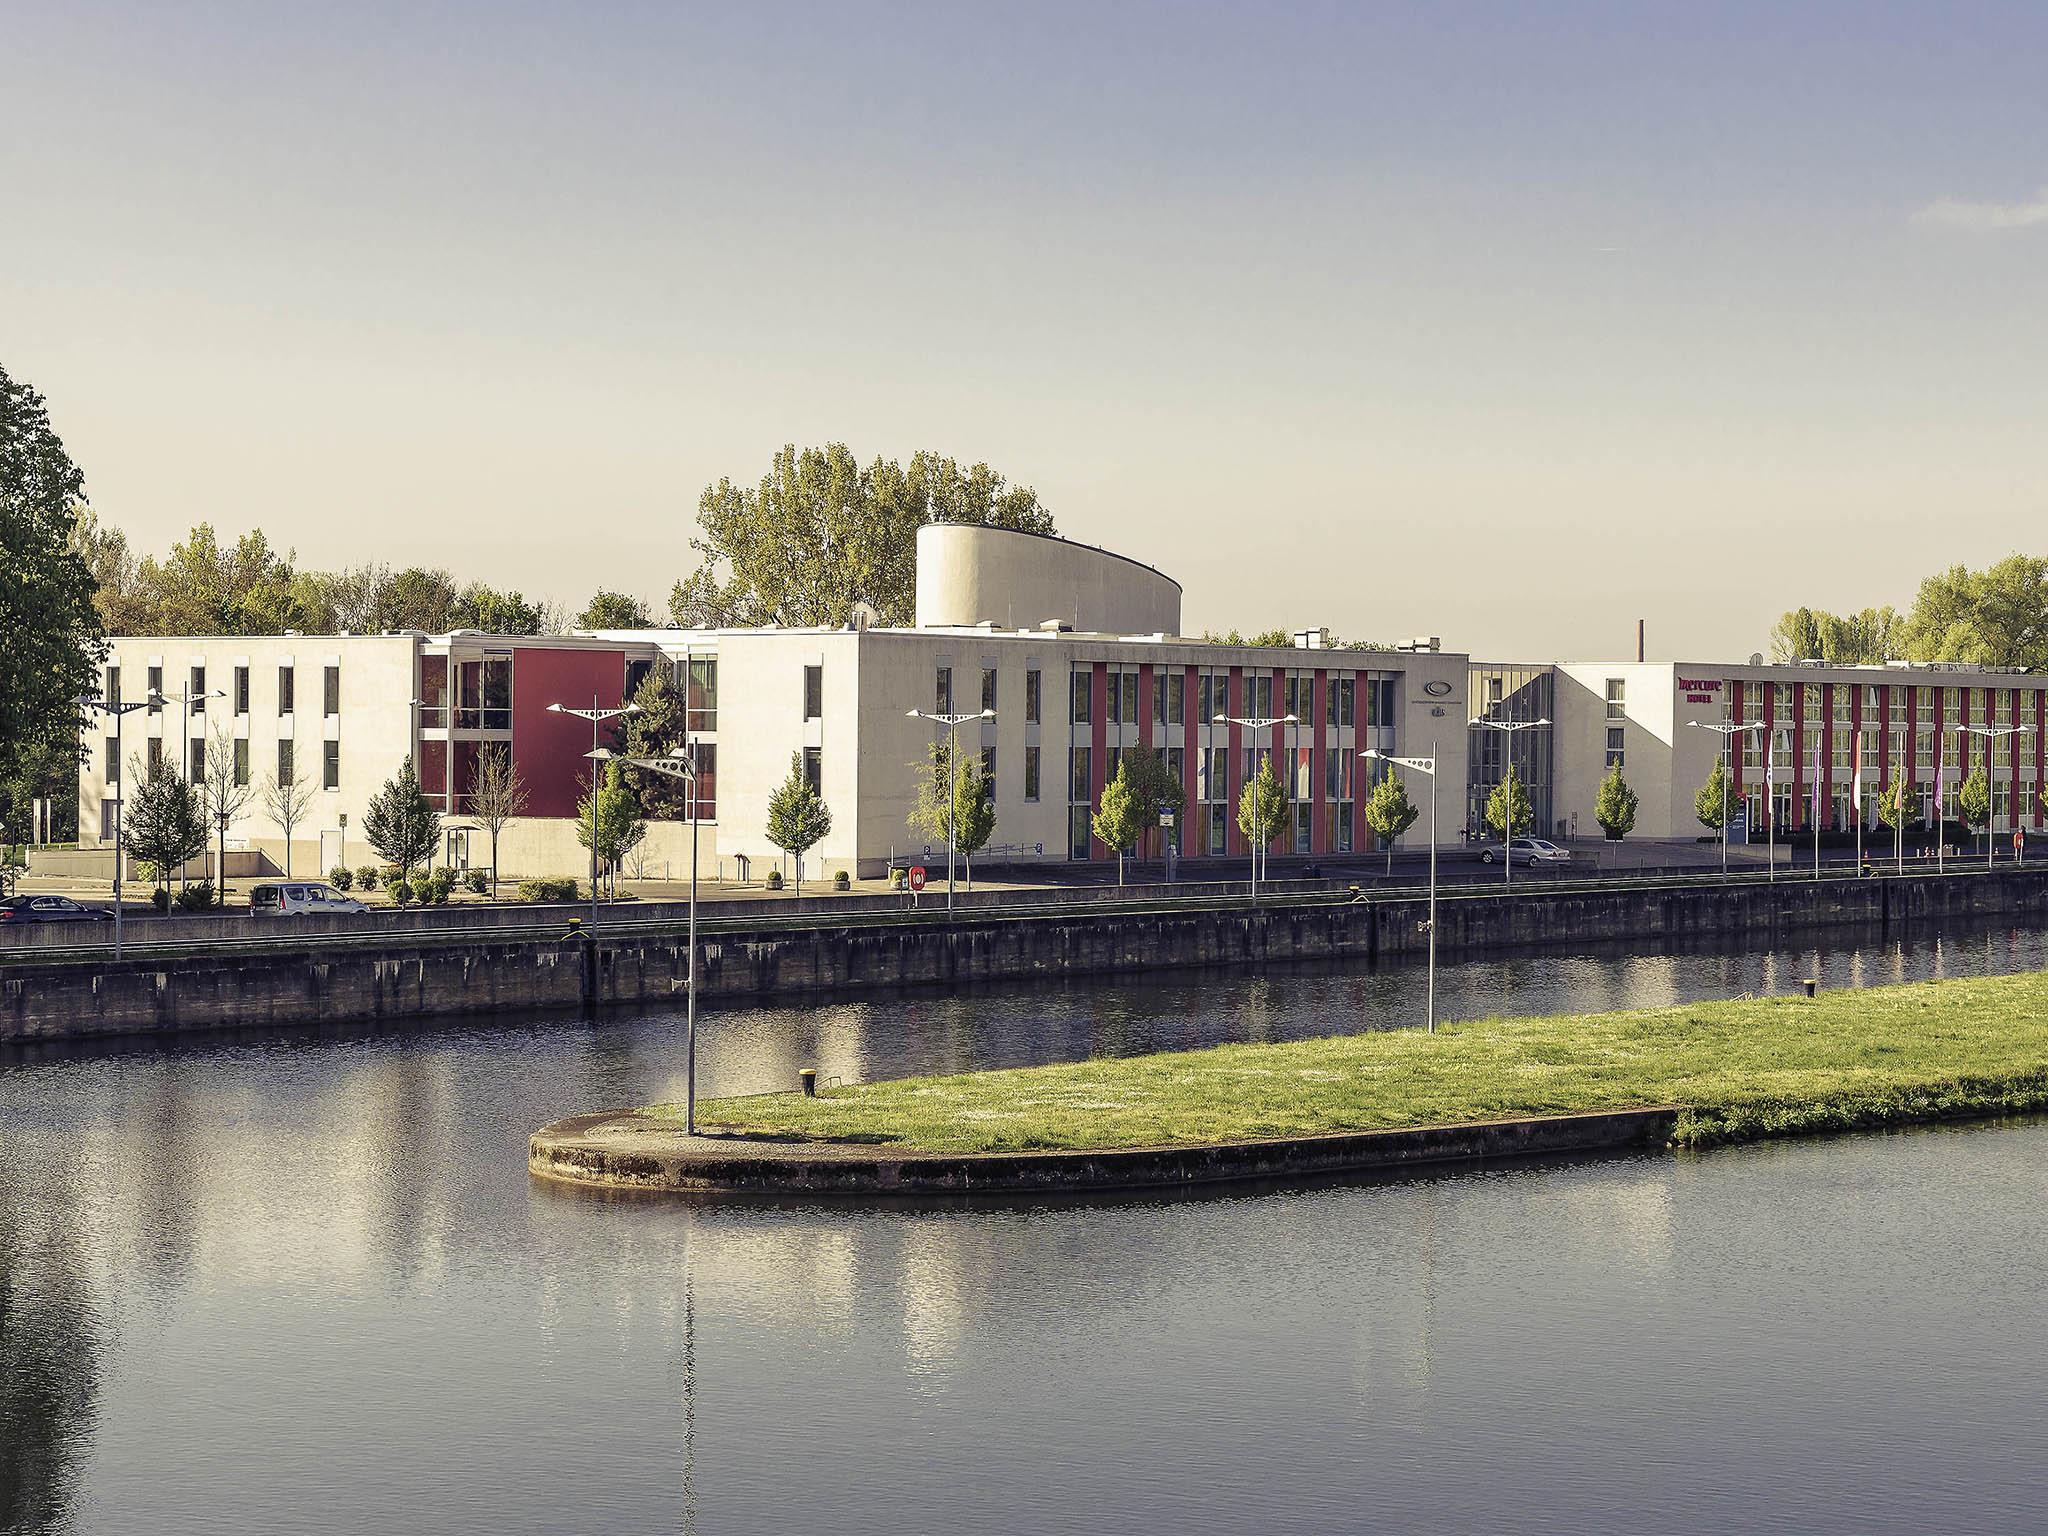 酒店 – 施韦因富特迈尼瑟尔美居酒店(2016 年 11 月开业)